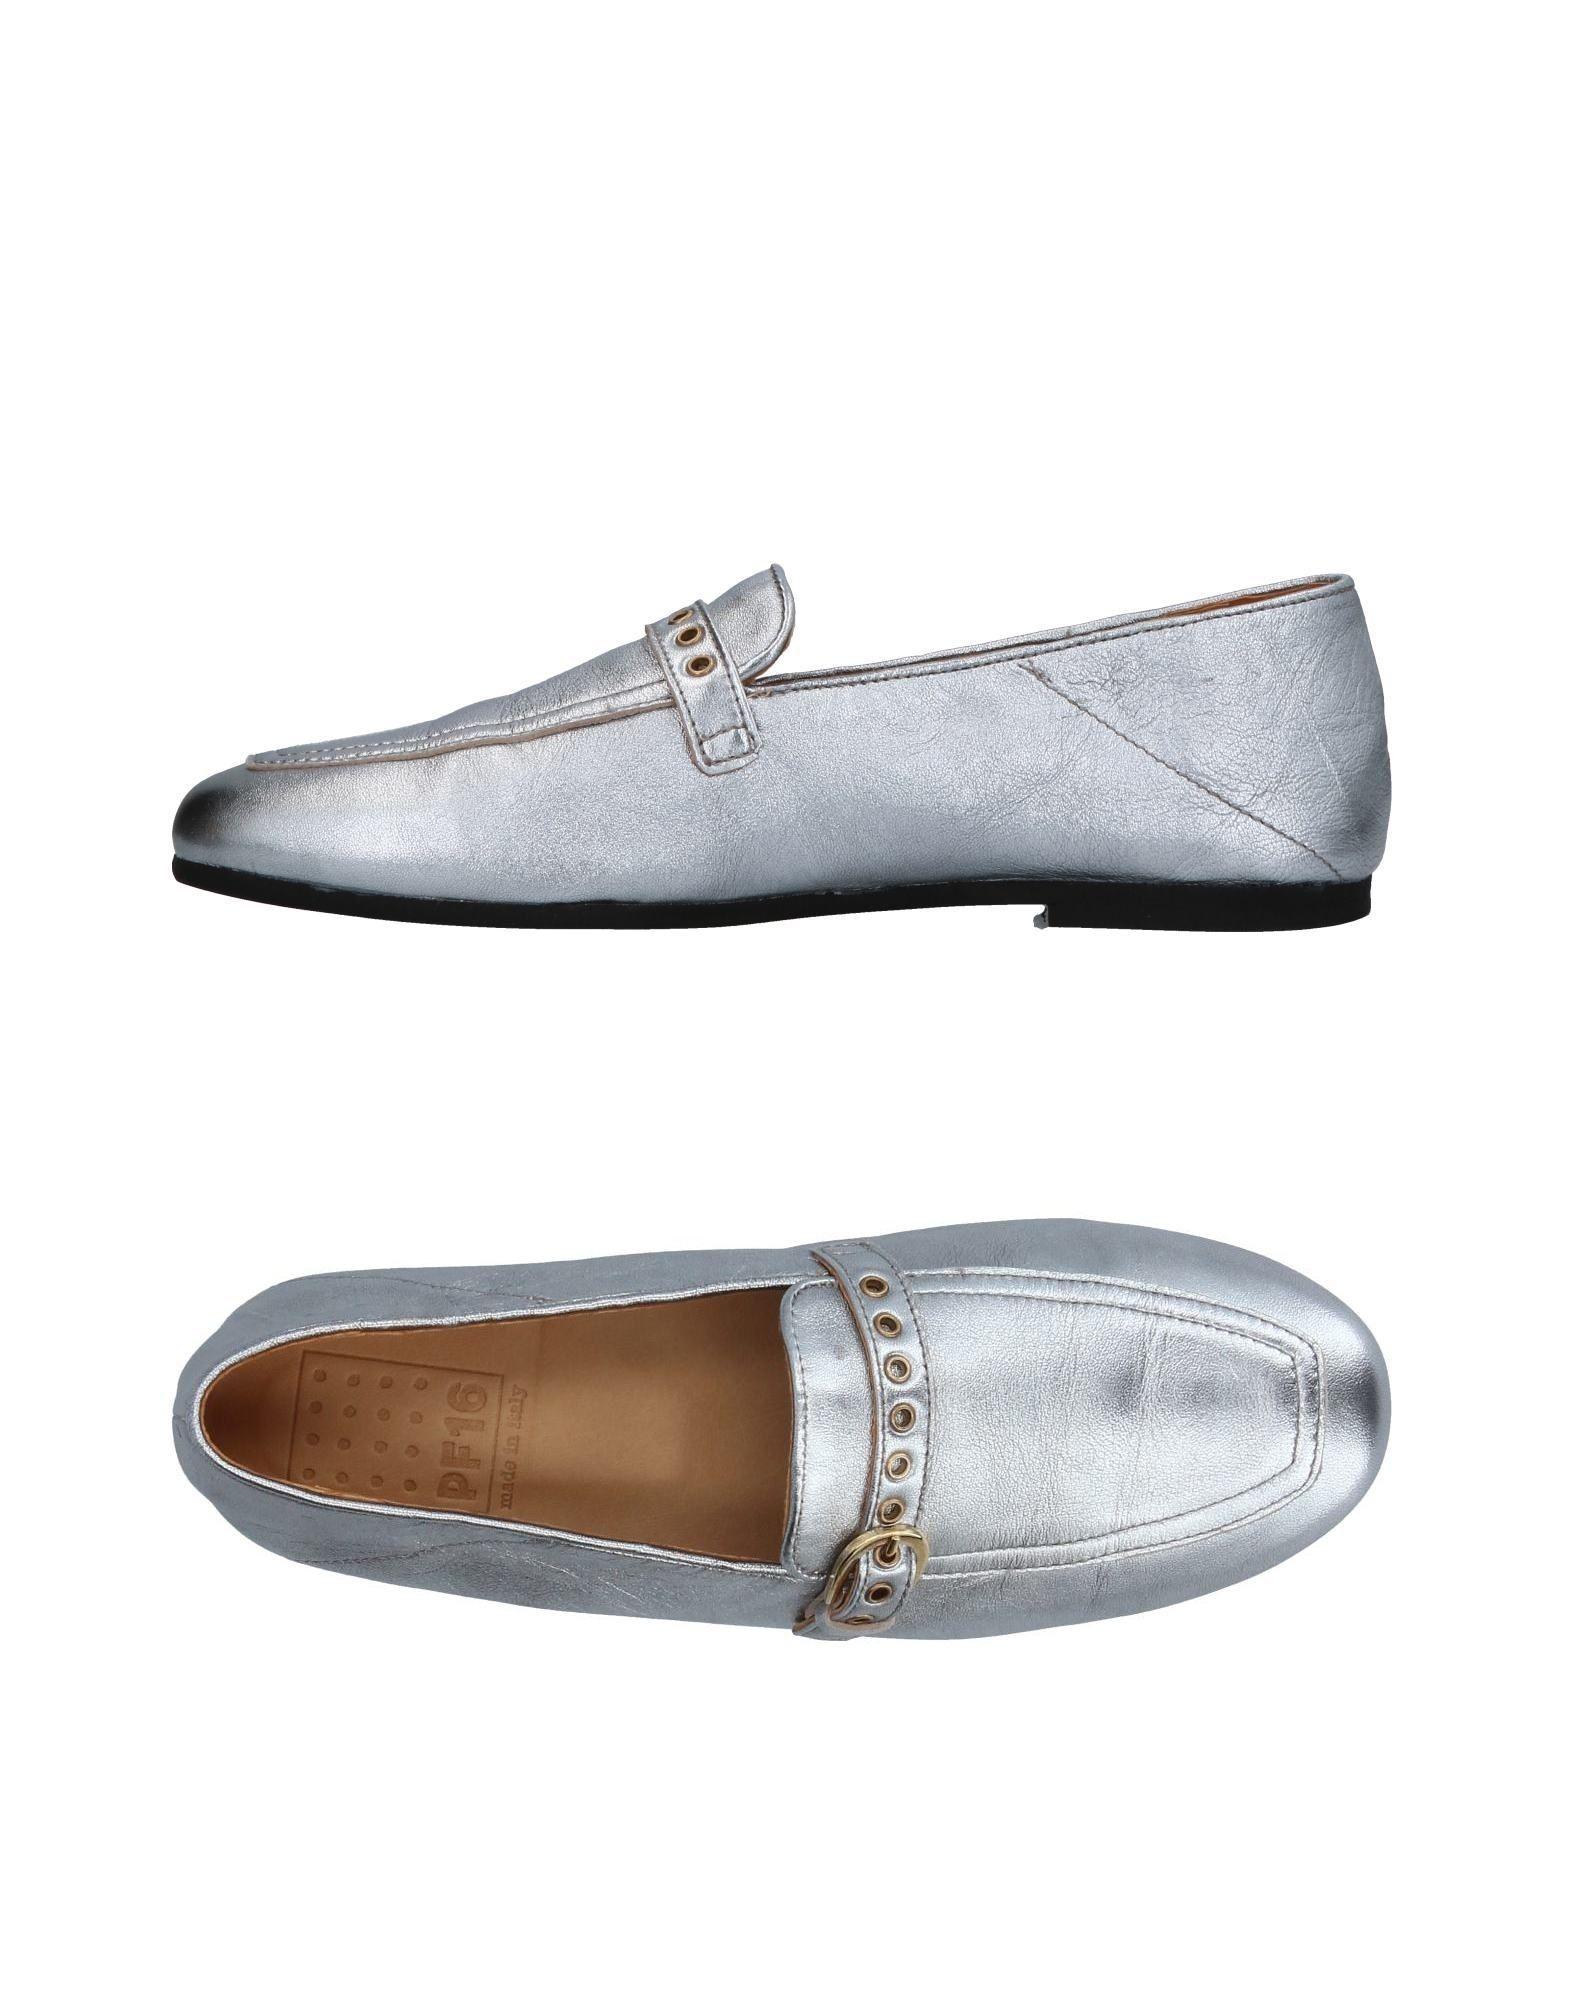 Pf16 Mokassins Damen  11379178CP Gute Qualität beliebte Schuhe